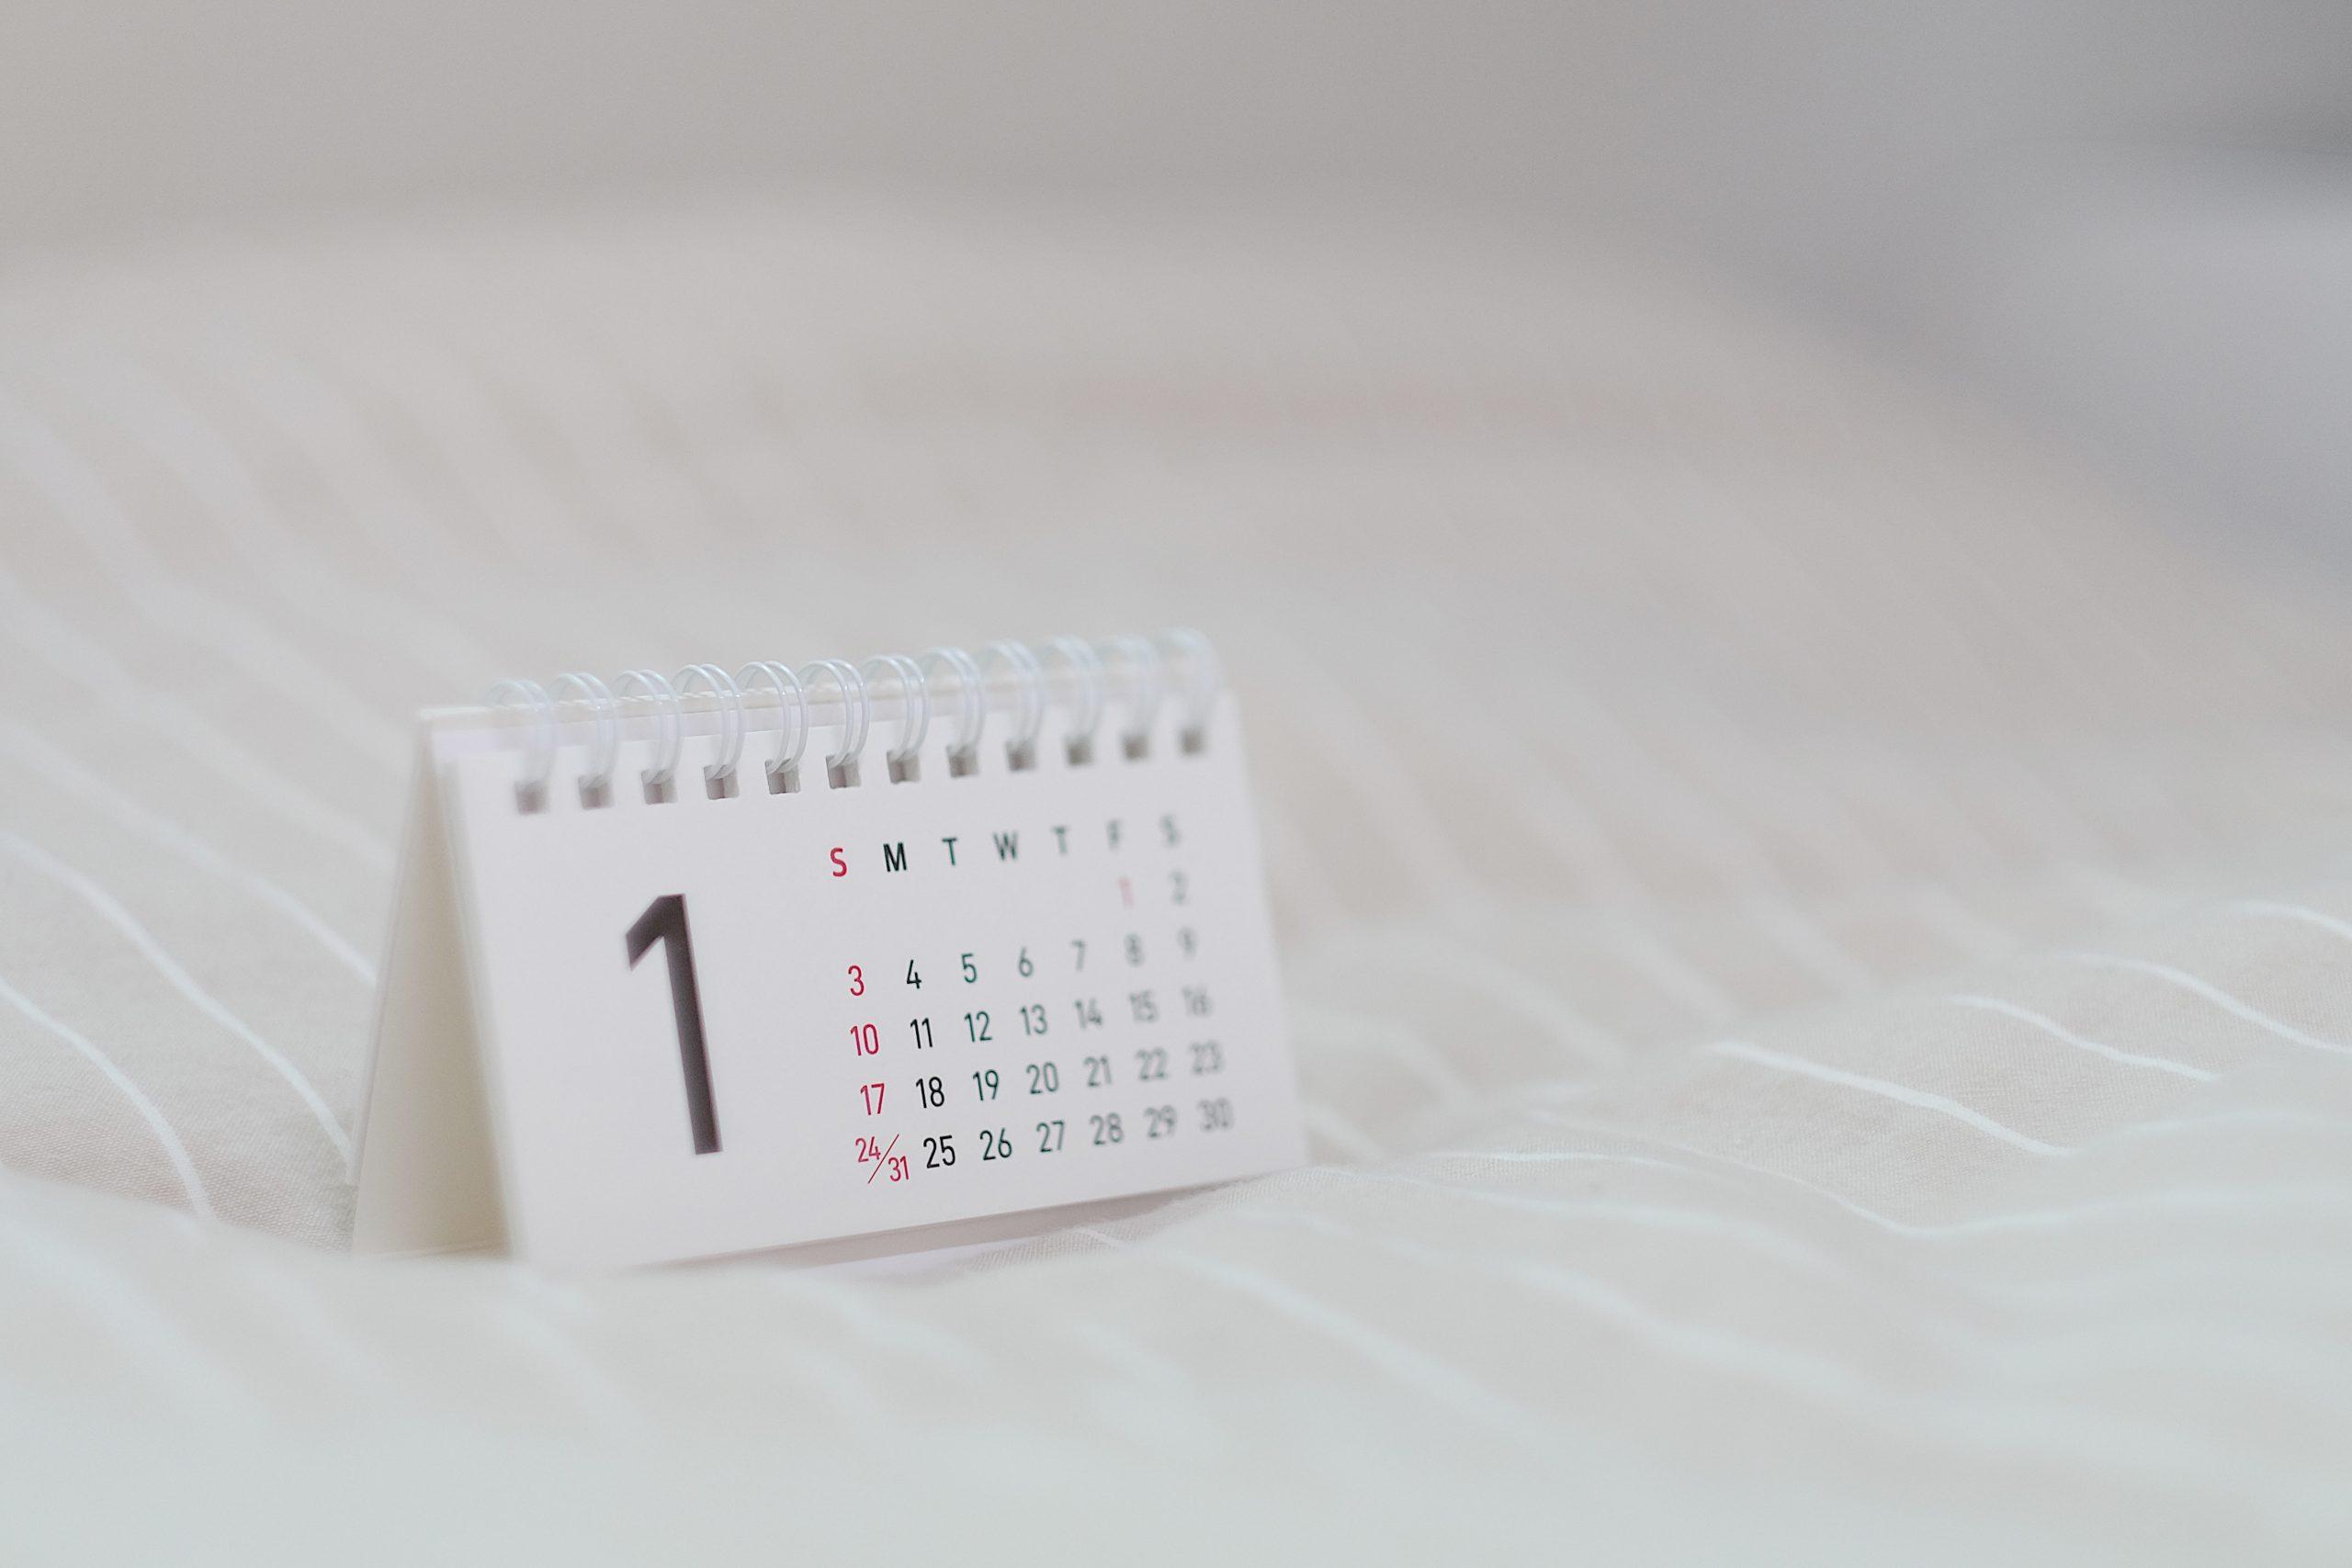 Na imagem existe um calendário pequeno em cima de uma superfície macia. No calendário, o número 1 está em destaque.